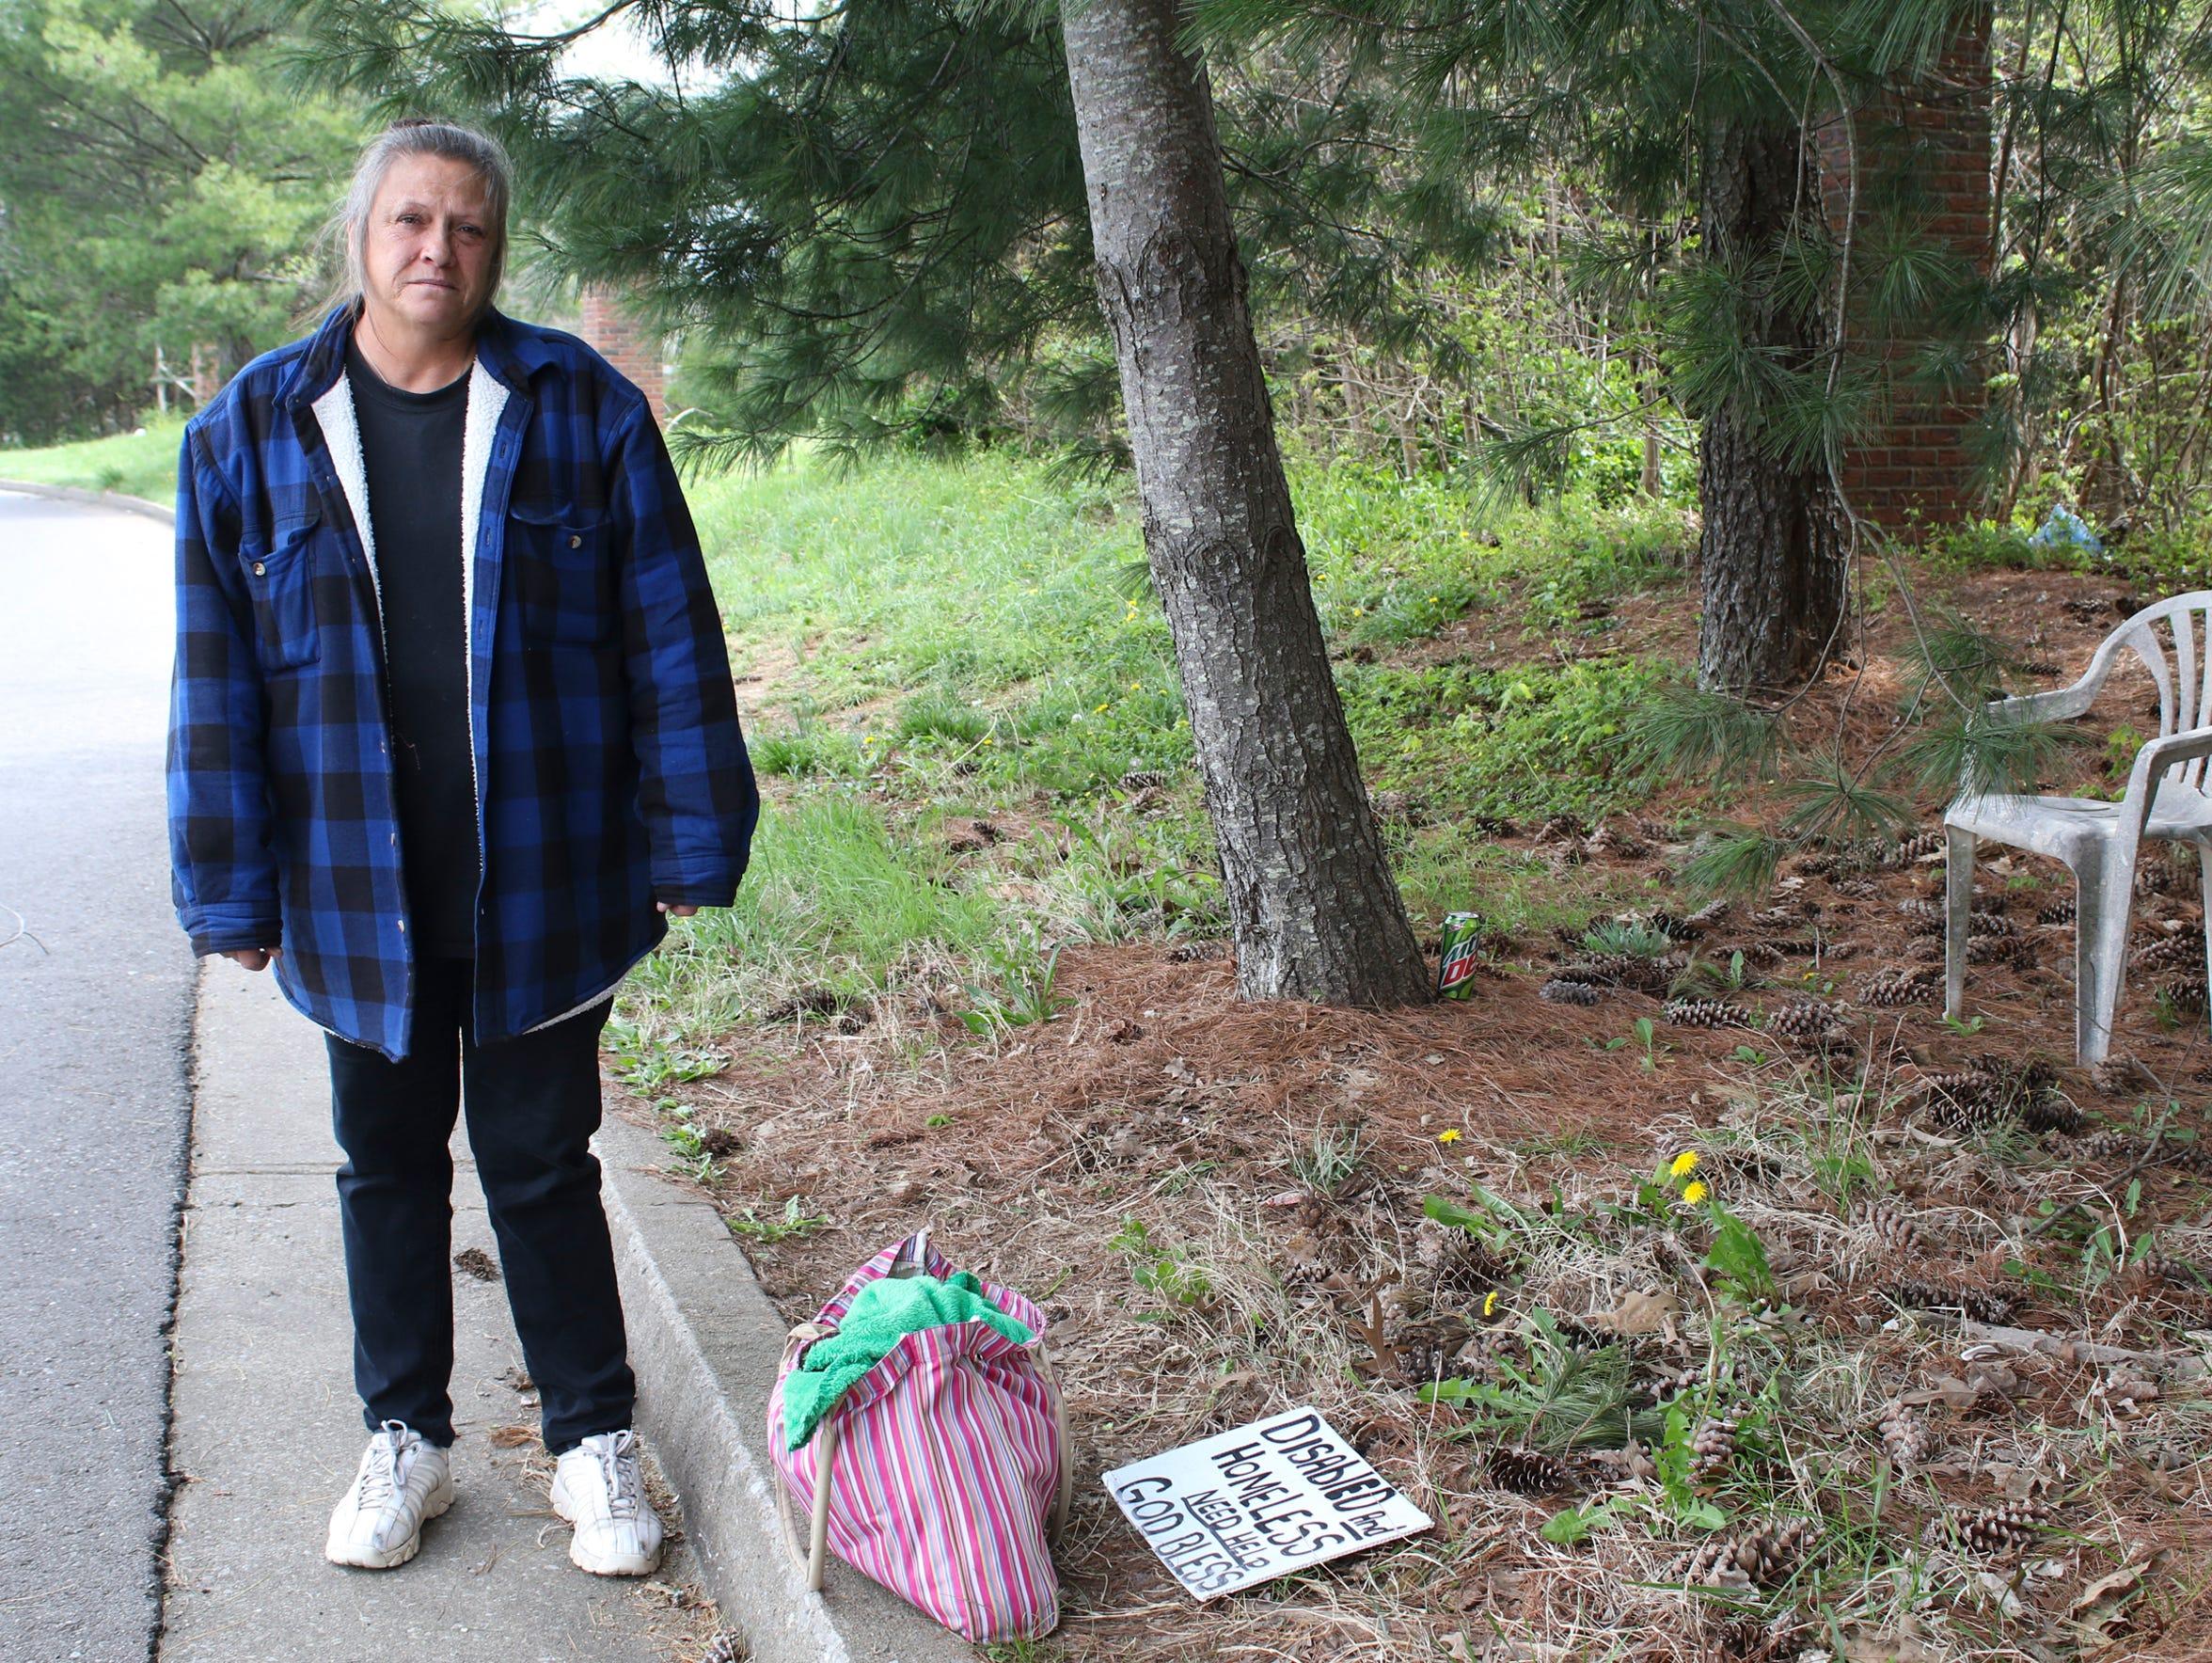 Donna McAllister has been homeless since August 2014